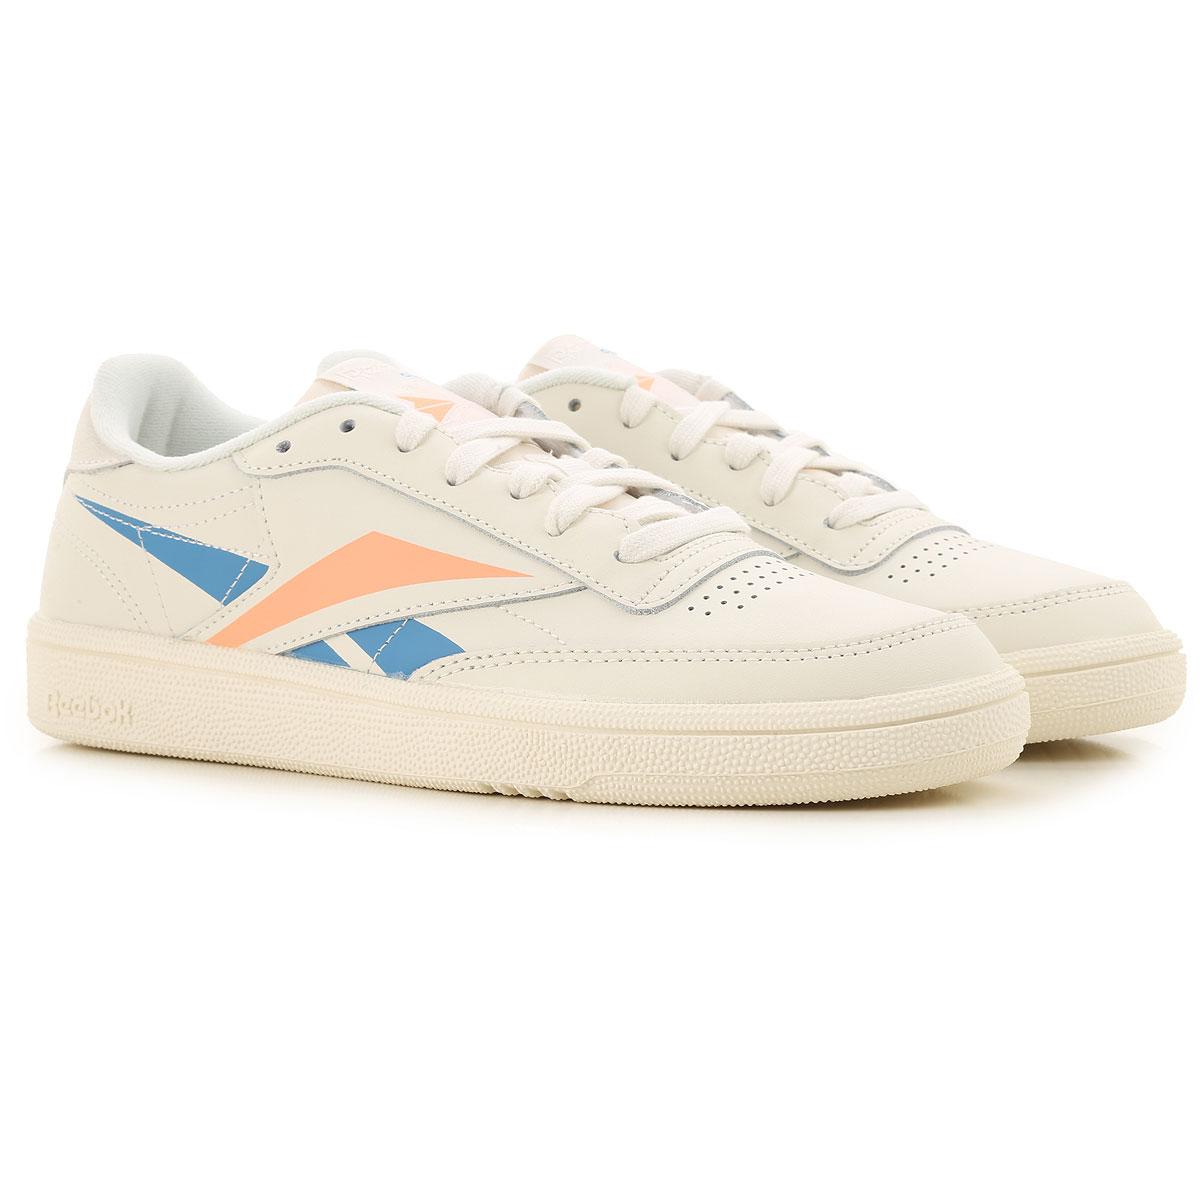 Reebok Sneakers for Women On Sale, Chalk, Leather, 2019, US 6 - UK 3 5 - EU 36 - JP 22 5 US 6 5 - UK 4 - EU 37 - JP 23 US 9 - UK 6 5 - EU 40 - JP 25 5